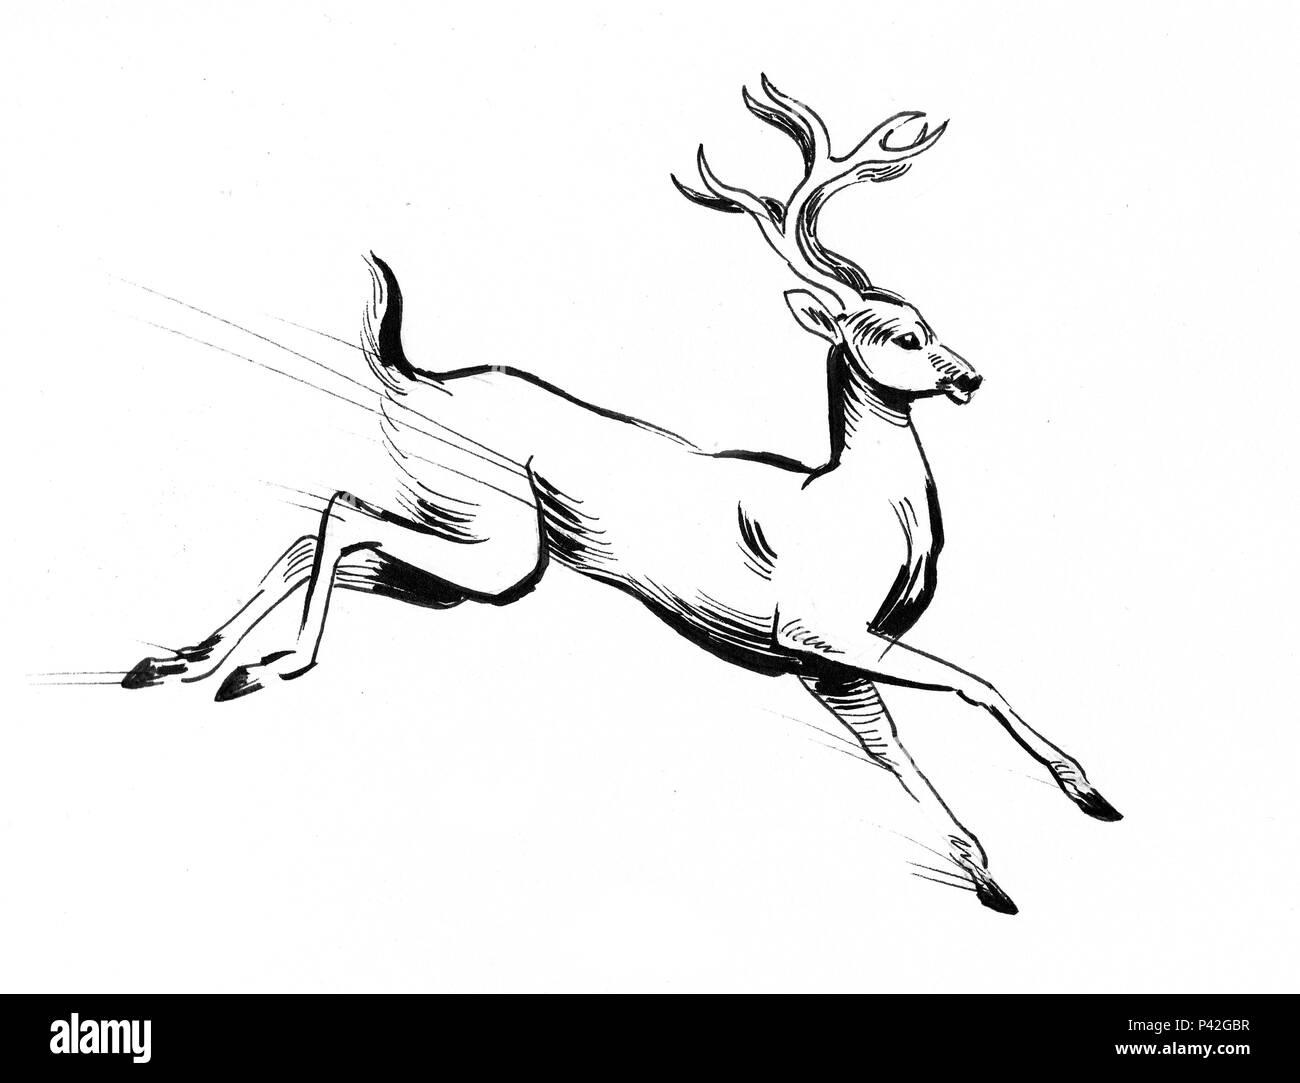 Esecuzione Di Cervi Animale Linchiostro Bianco E Nero Disegno Foto